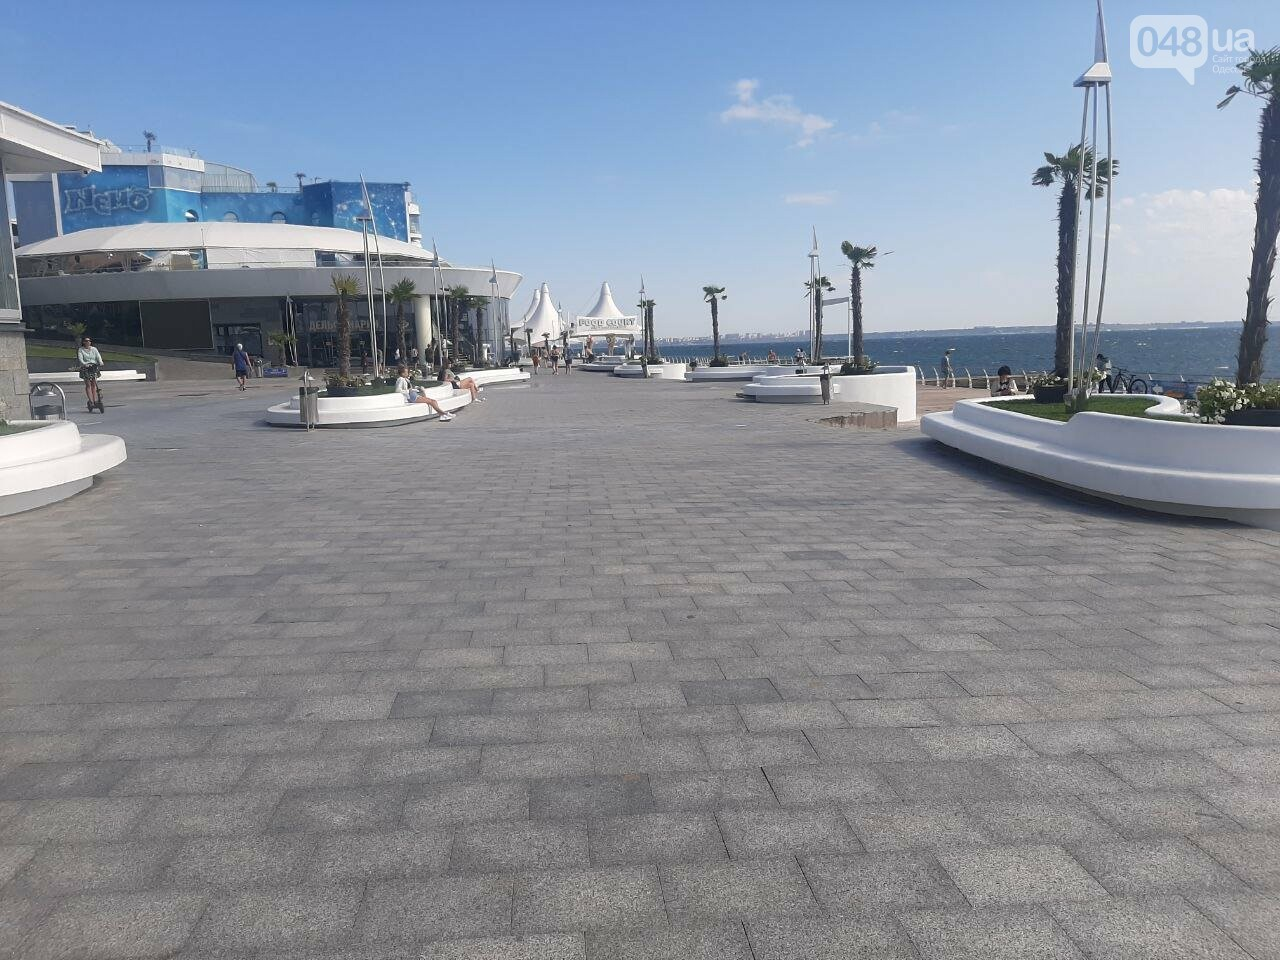 Как выглядит пляж Ланжерон в Одессе после ливня, - ФОТО, ВИДЕО, фото-8